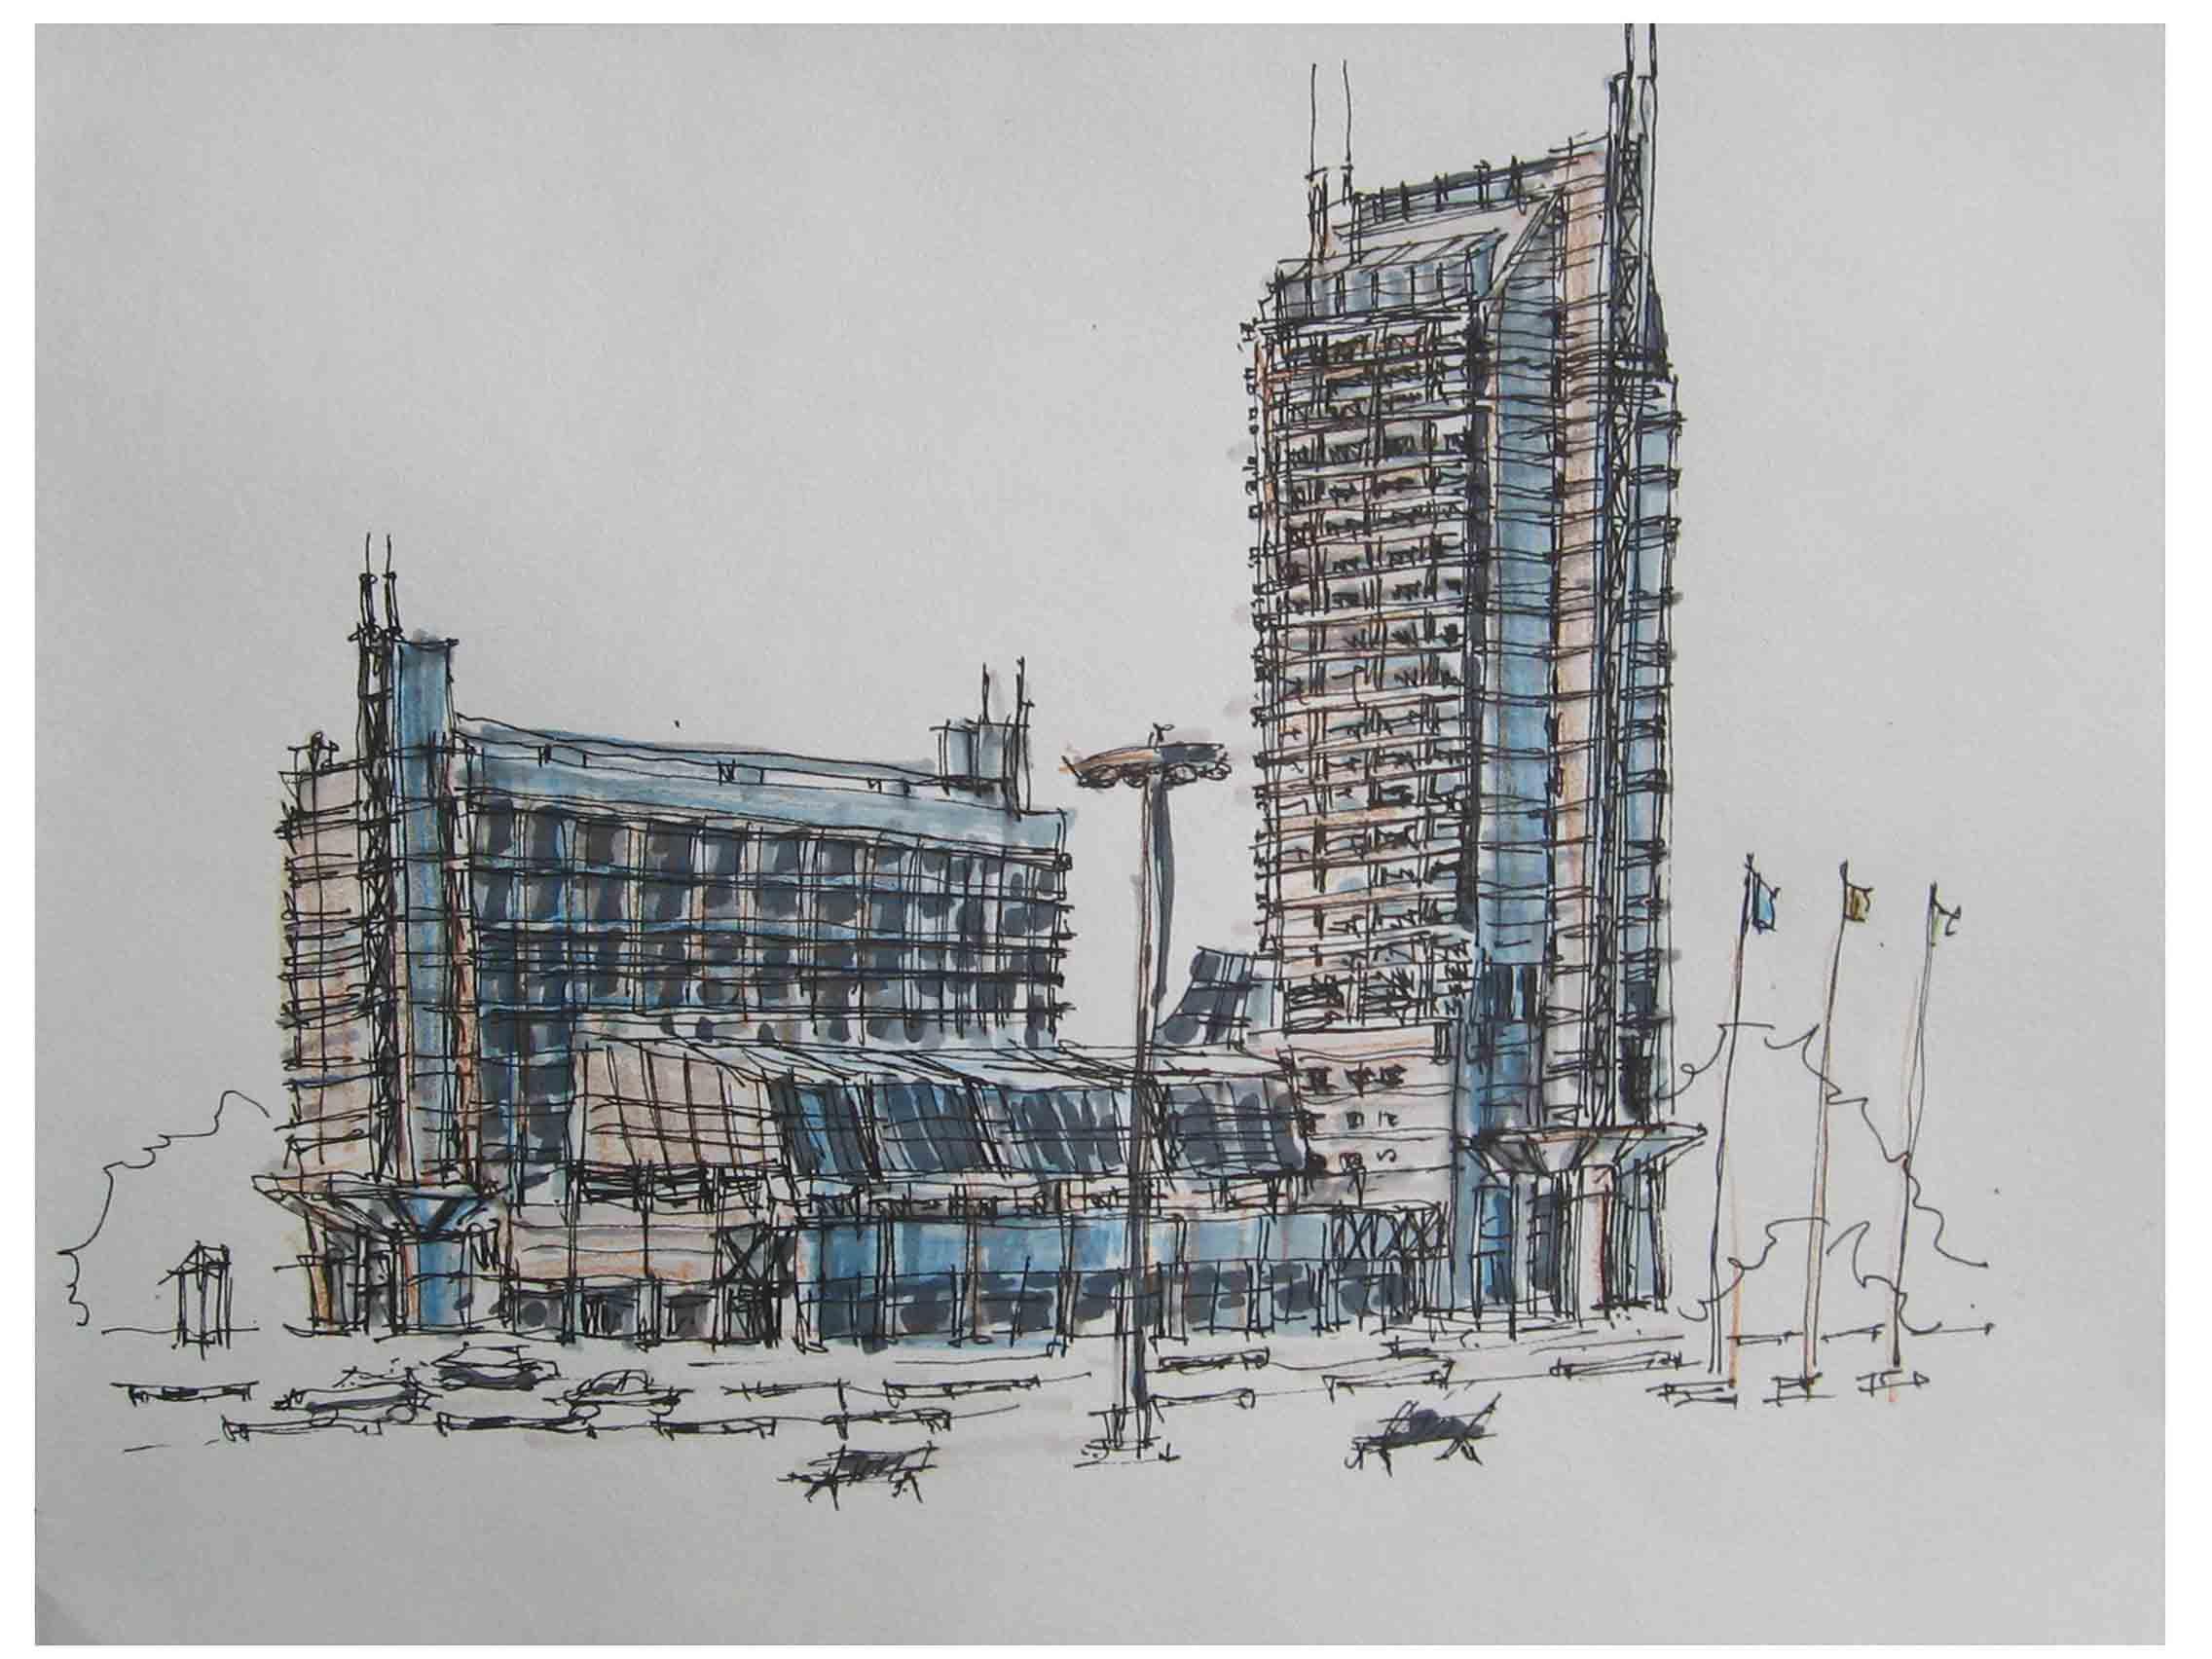 深圳南山手绘建筑画园林室内产品设计效果图培训